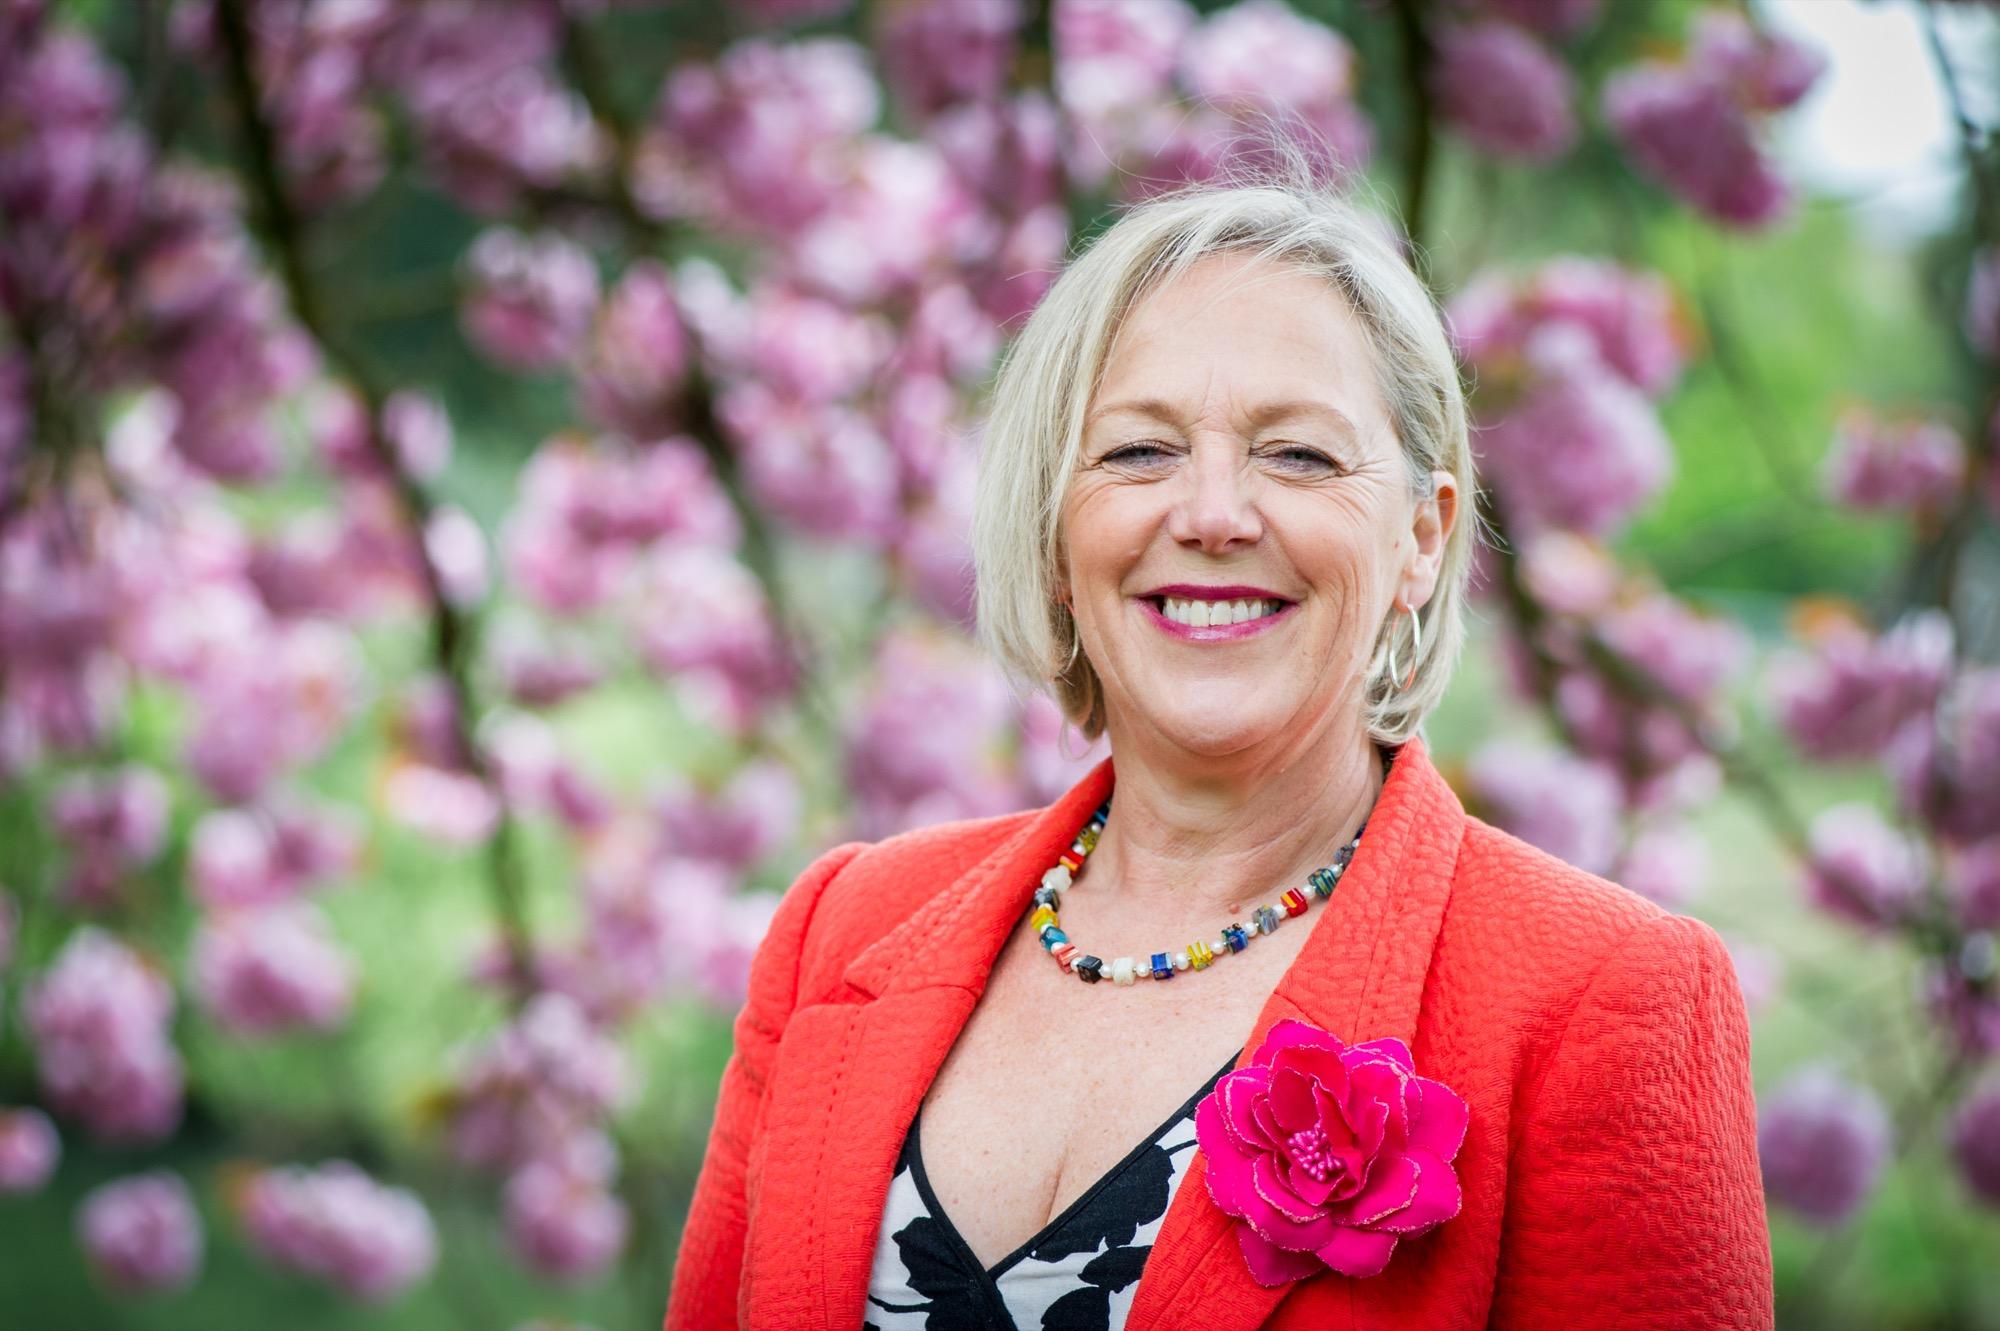 Julie Lord